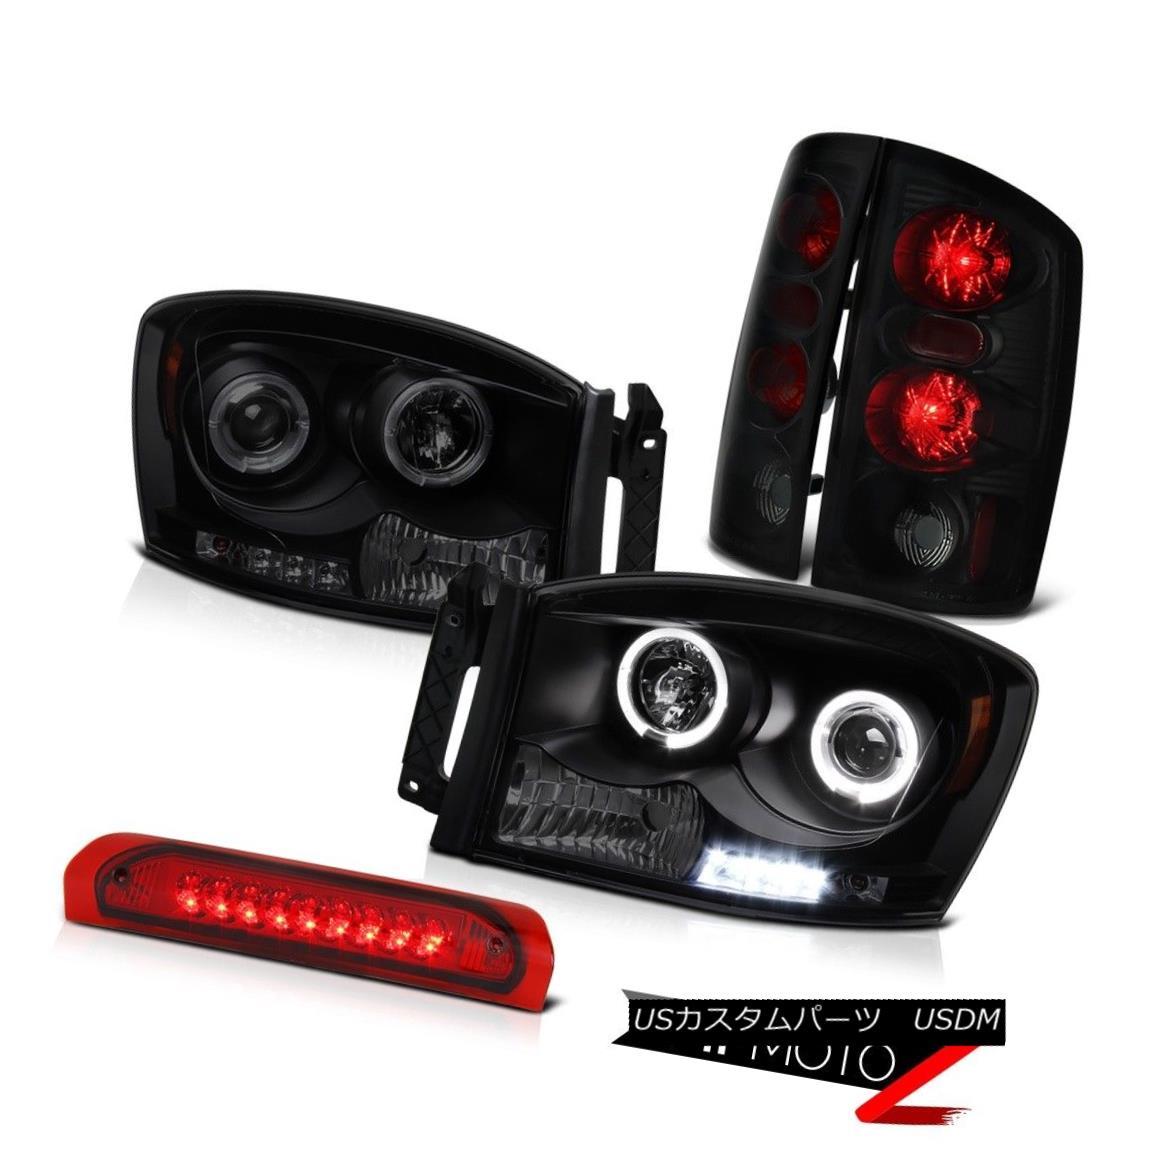 ヘッドライト 06 Dodge Ram 4.7L Halo LED Headlight Top Mount Brake Lamp Black Smoke Brake Lamp 06ダッジラム4.7LハローLEDヘッドライトトップマウントブレーキランプブラックスモークブレーキランプ